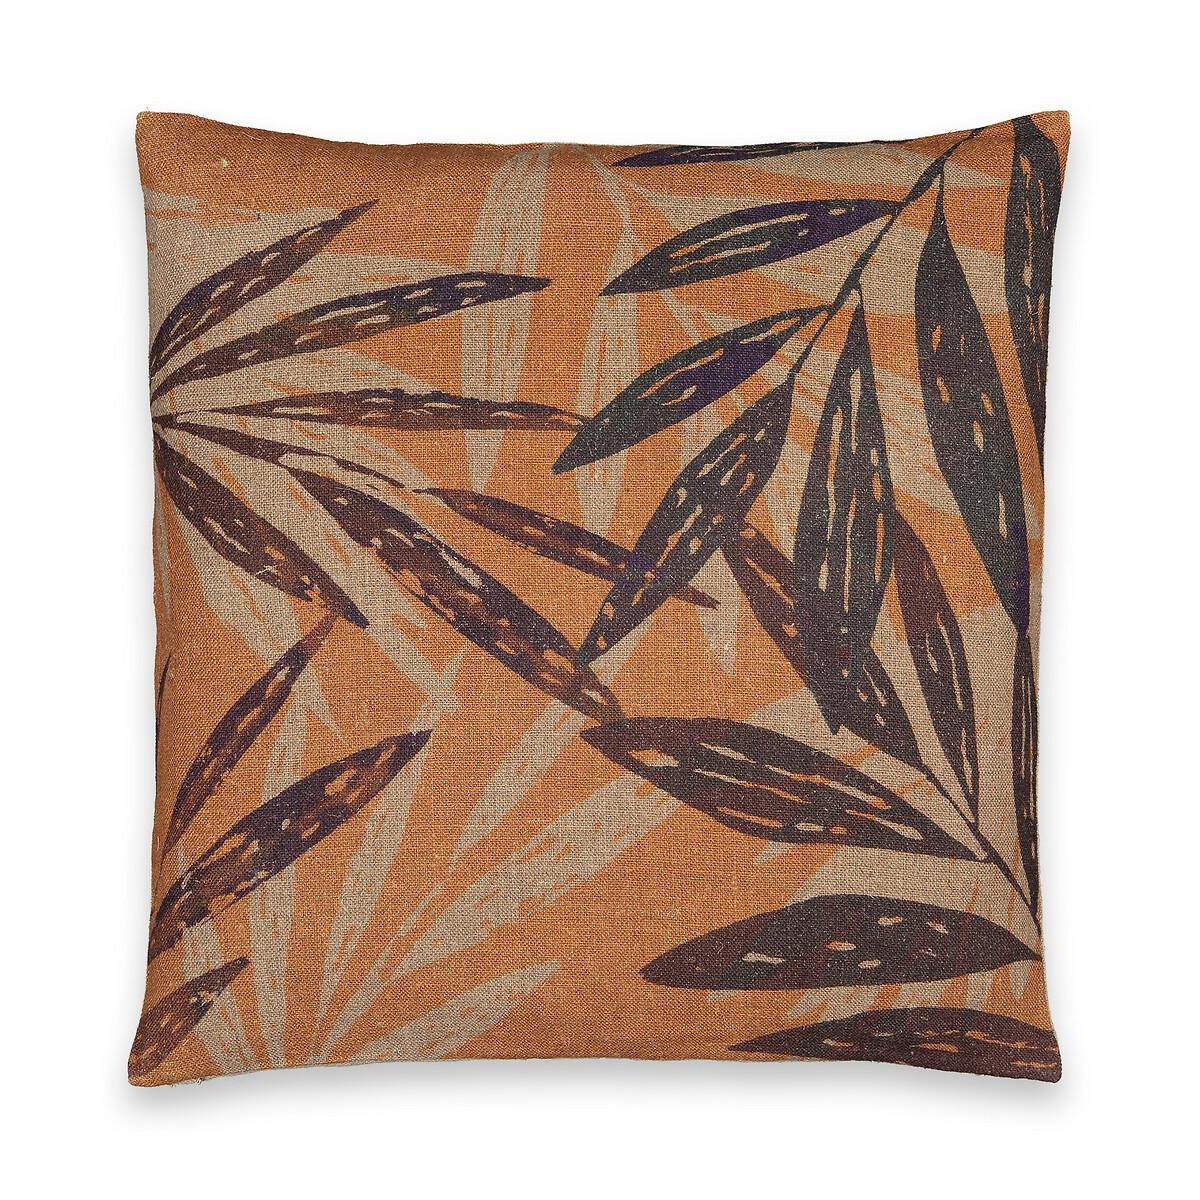 Чехол LaRedoute На подушку из льна Anagi 50 x 50 см оранжевый